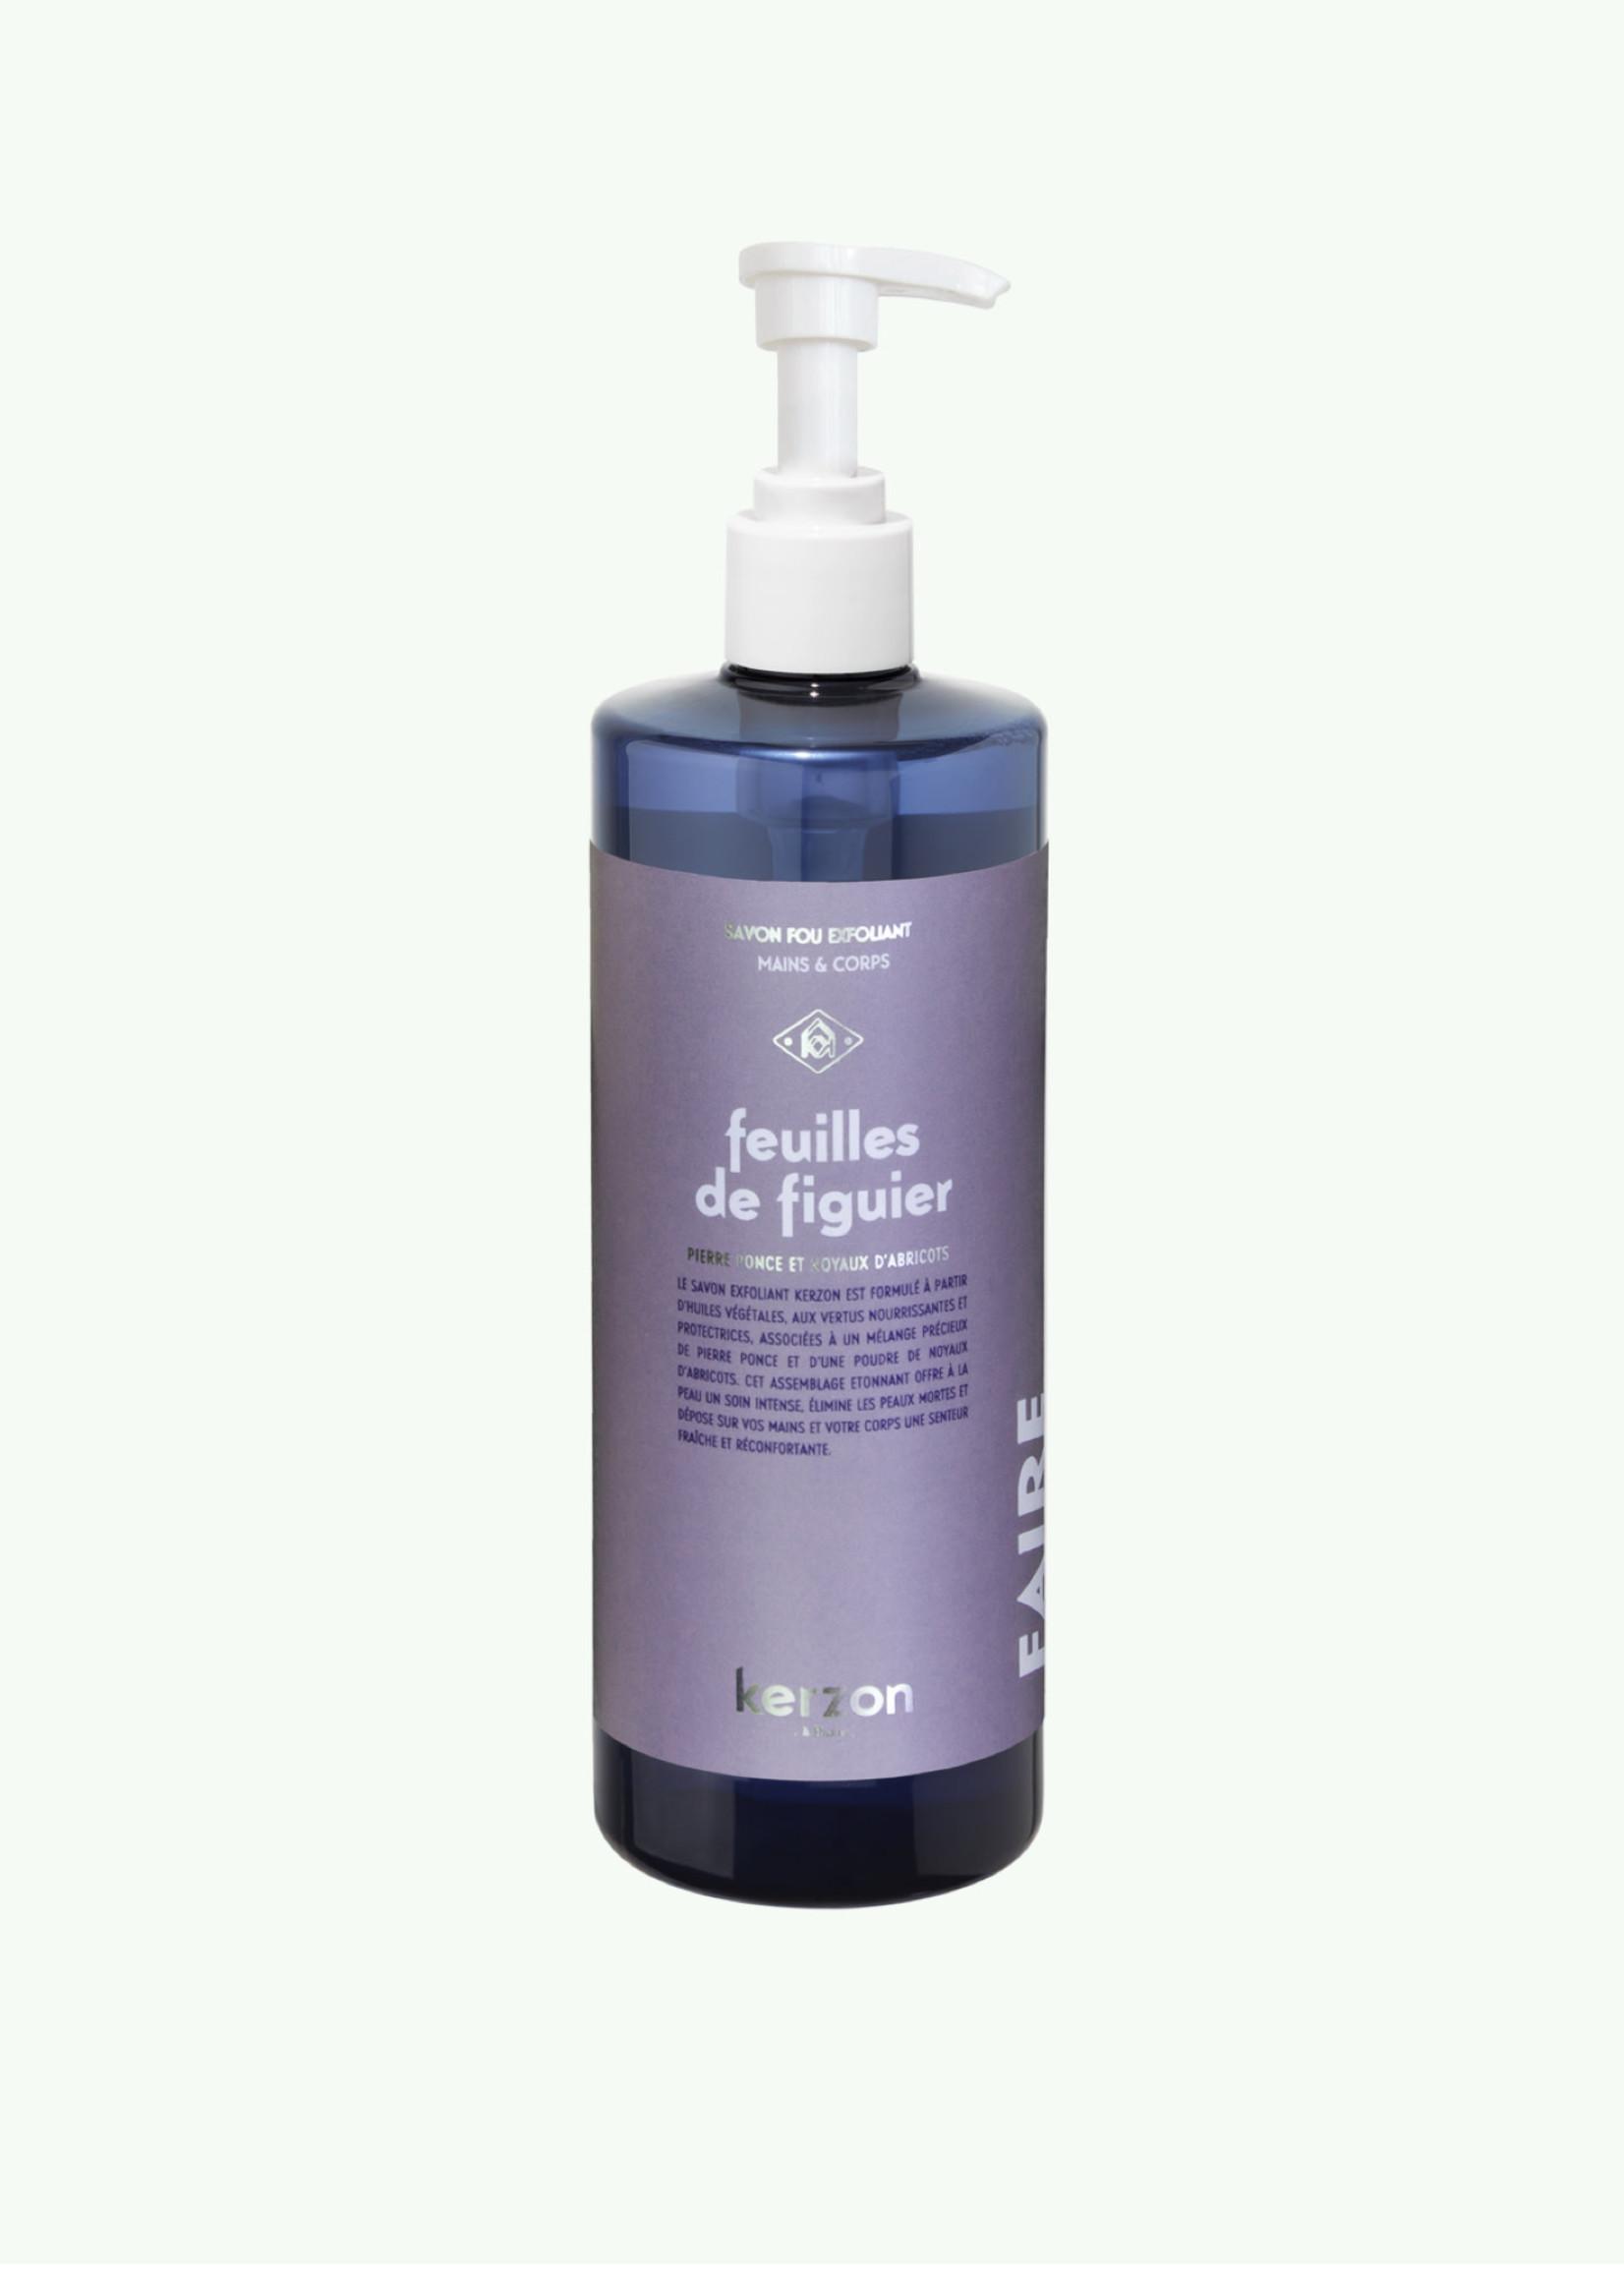 Kerzon Kerzon - Exfoliating Soap - Feuilles de Figuier